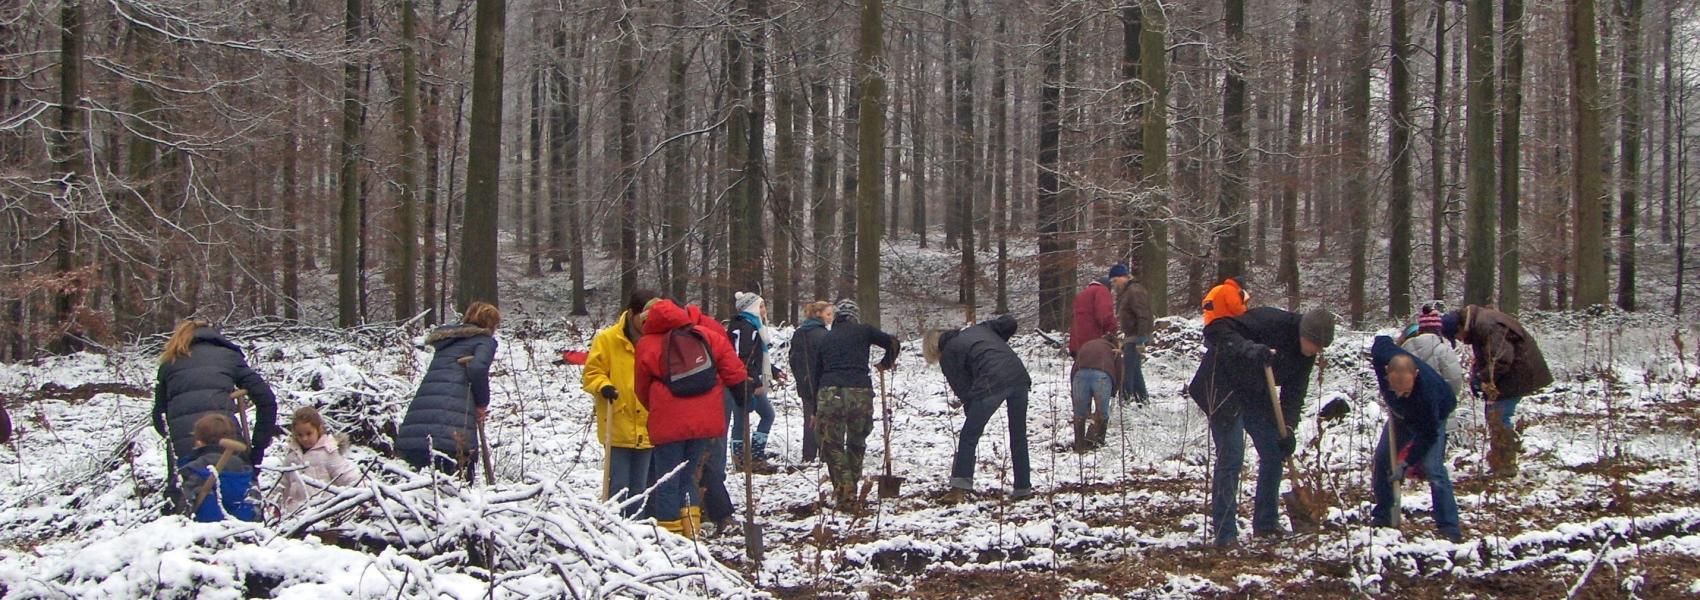 boomplantactie in de sneeuw